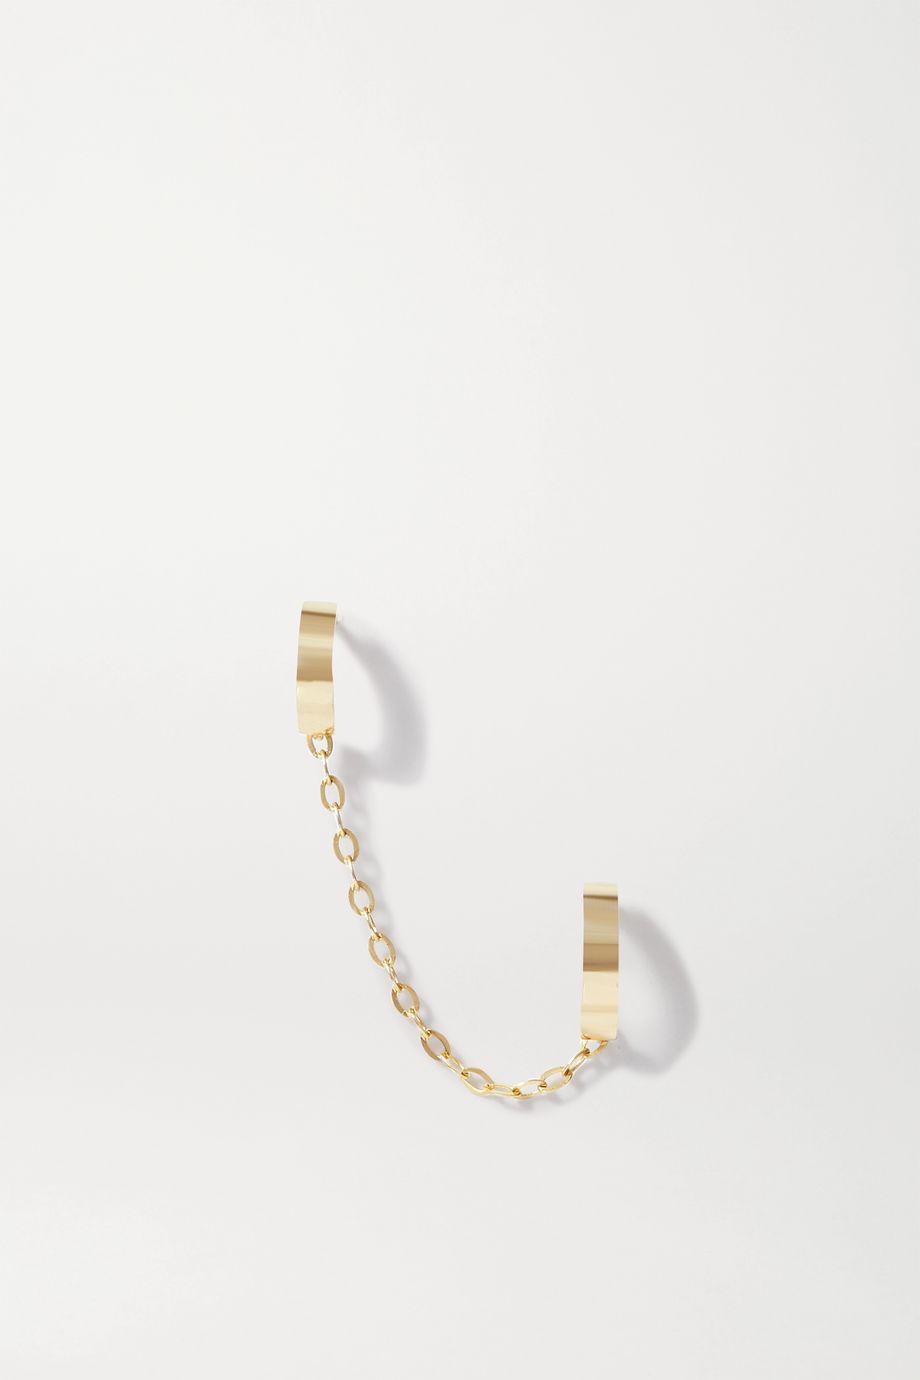 STONE AND STRAND Teeny Tiny 14-karat gold ear cuff